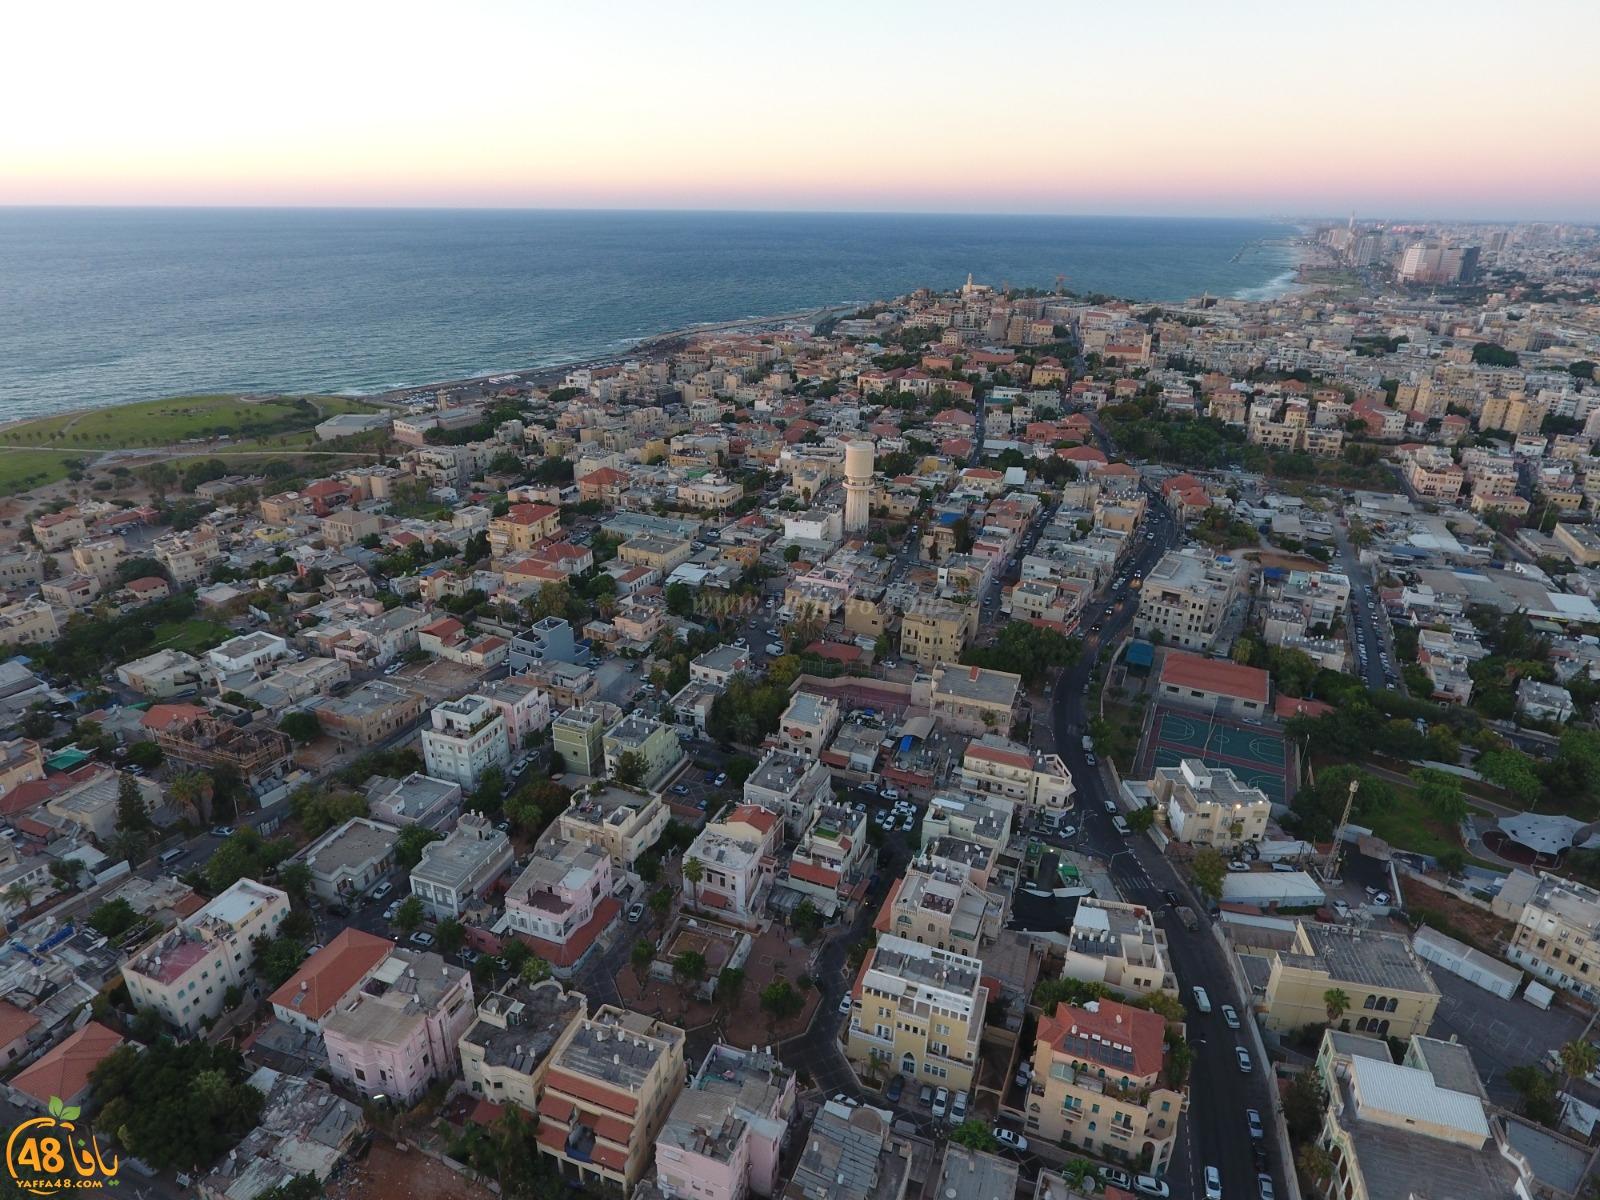 صورتي الأجمل - غروب الشمس في مدينة يافا .. تصوير جوّي